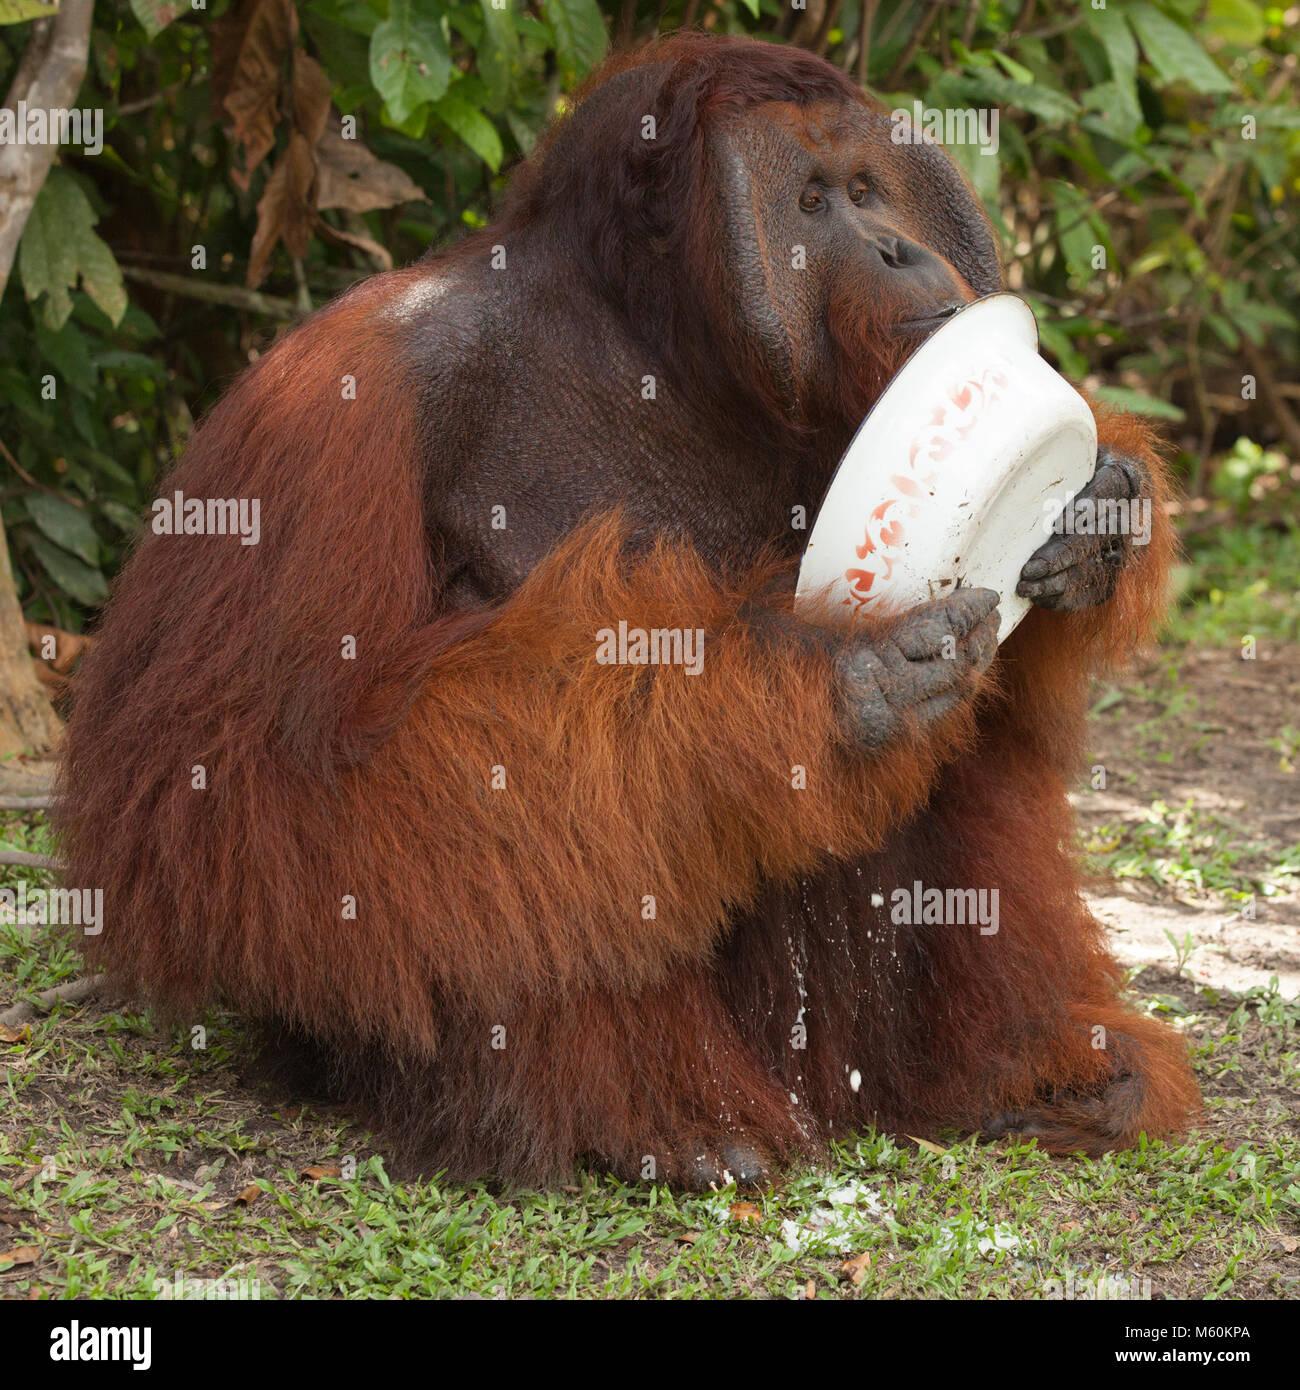 Wild Orang-utan dominante Männchen (Pongo pygmaeus) Essen zusätzliche Essen im Camp Leakey in Tanjung Stockbild